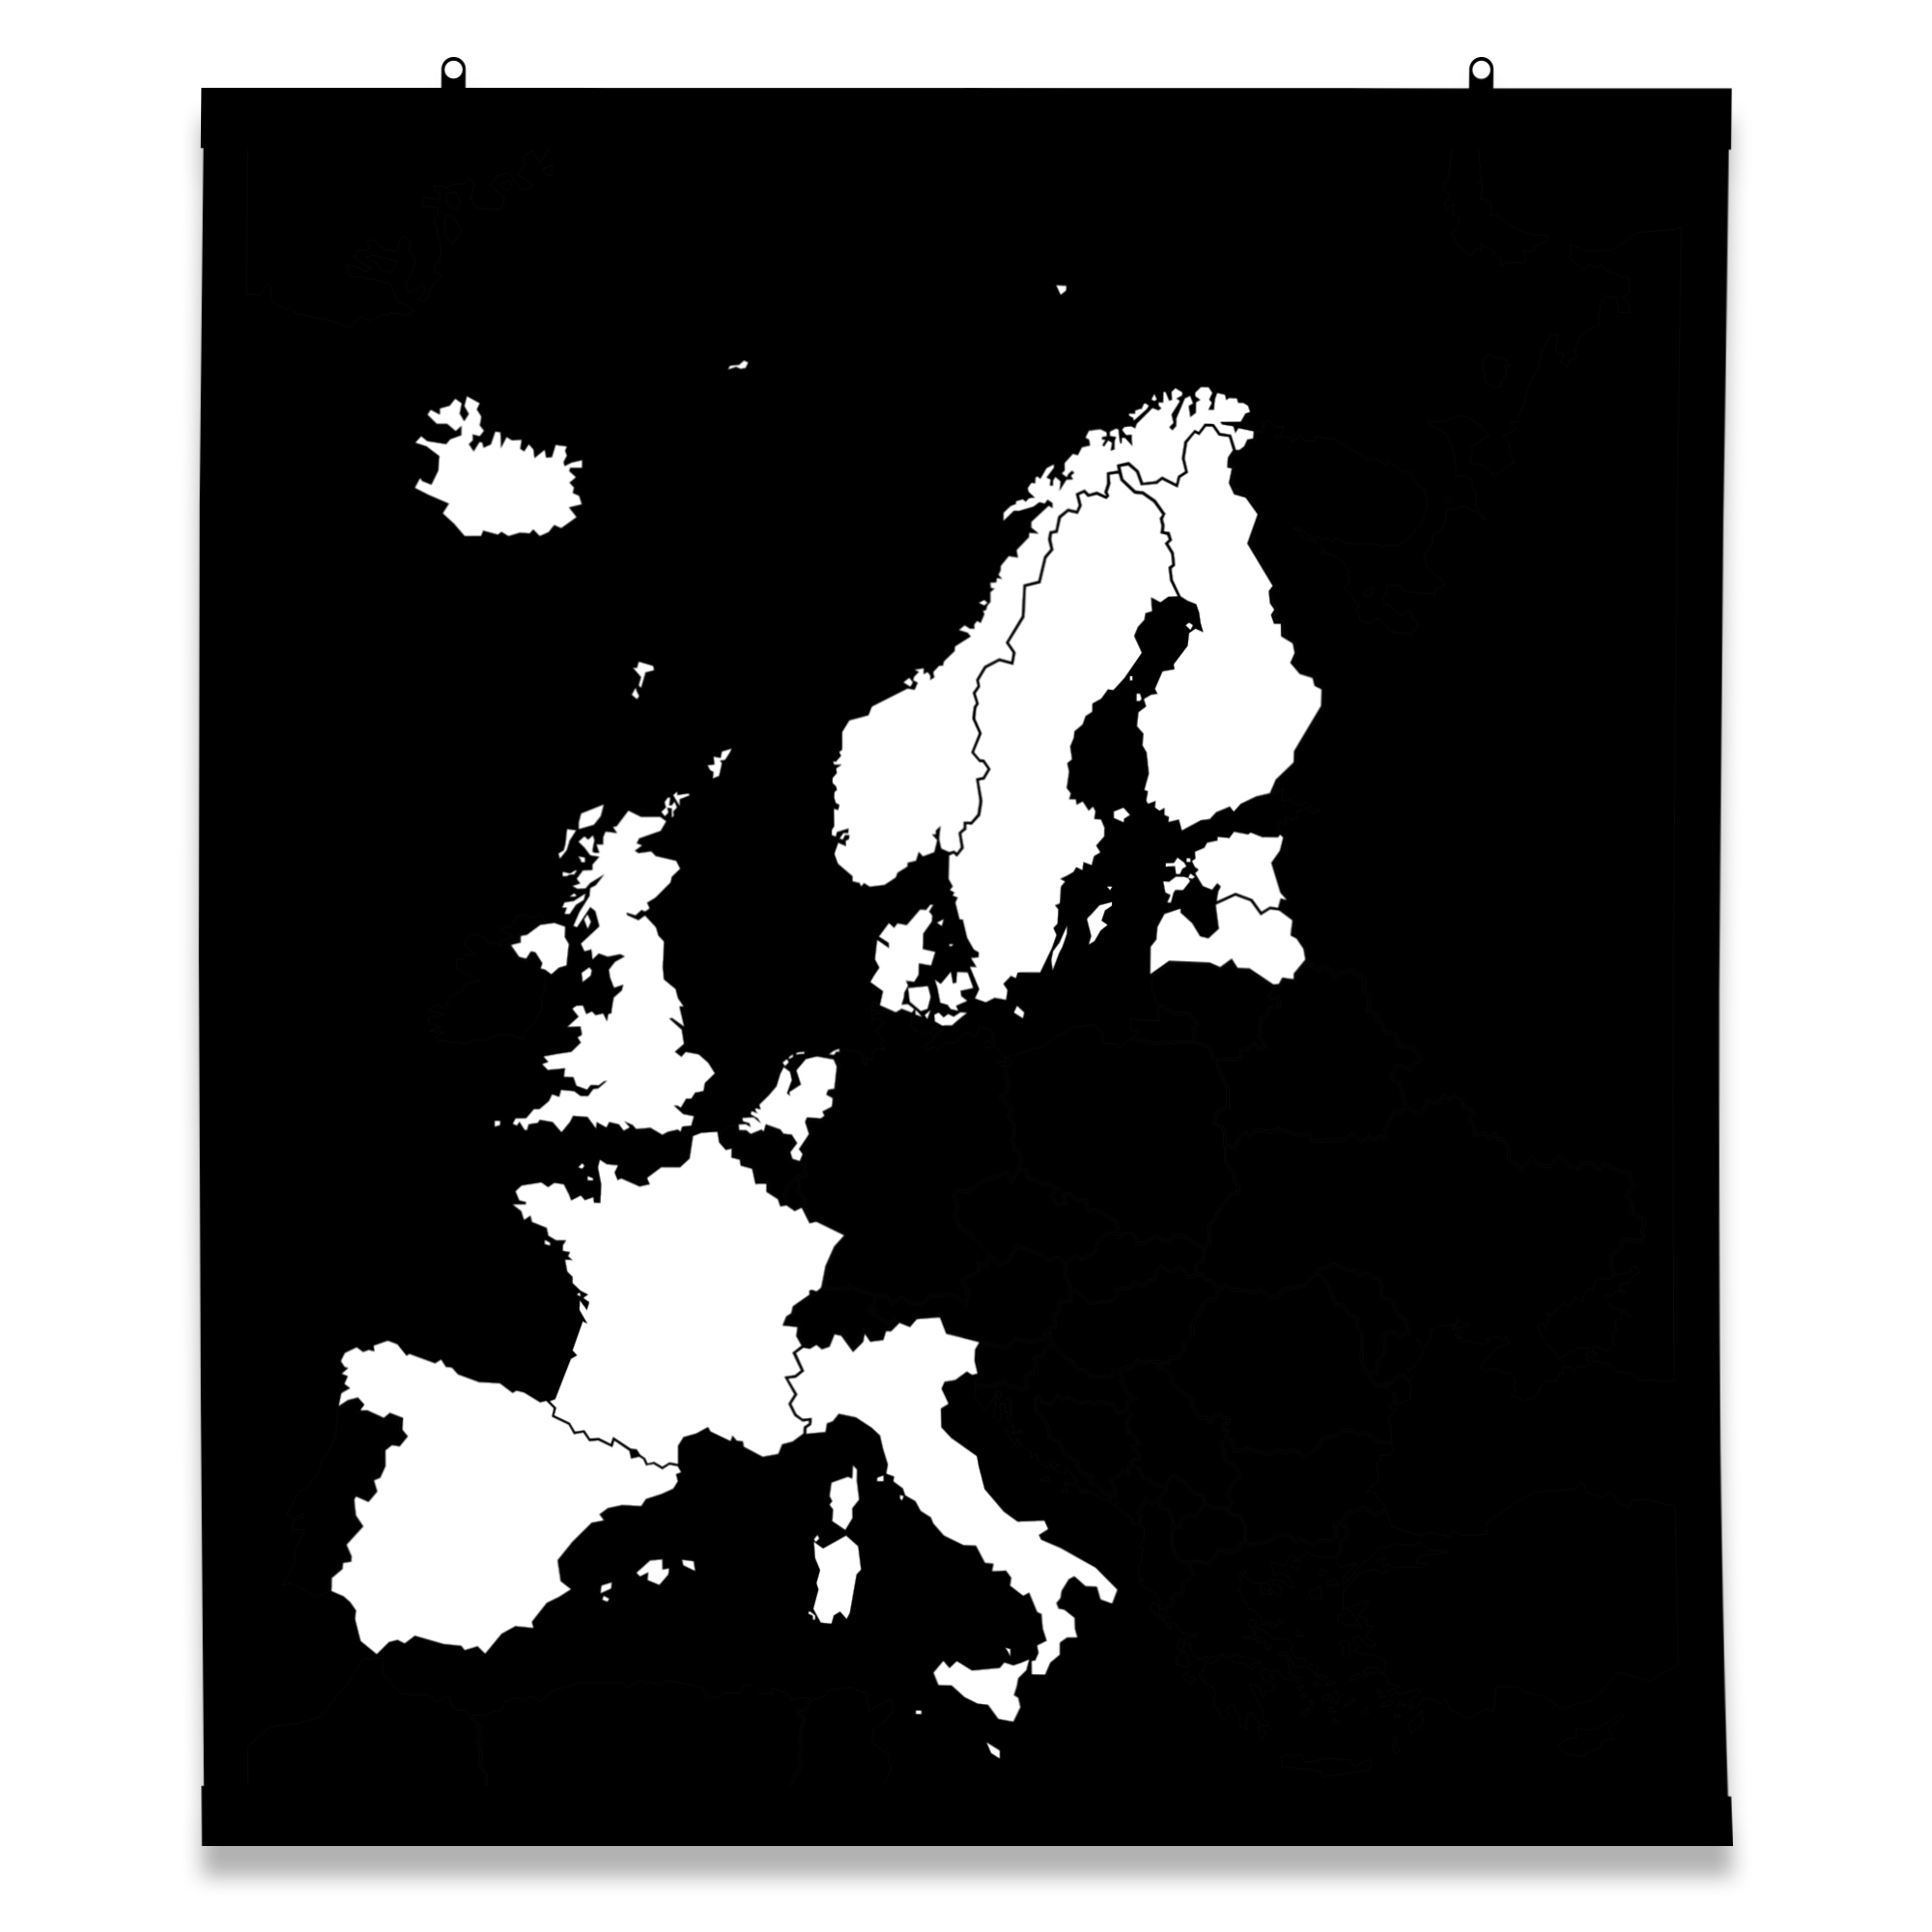 Karte Europa Schwarz Weiss.Europakarte In Schwarz Weiss Neue Produkte Im Shop